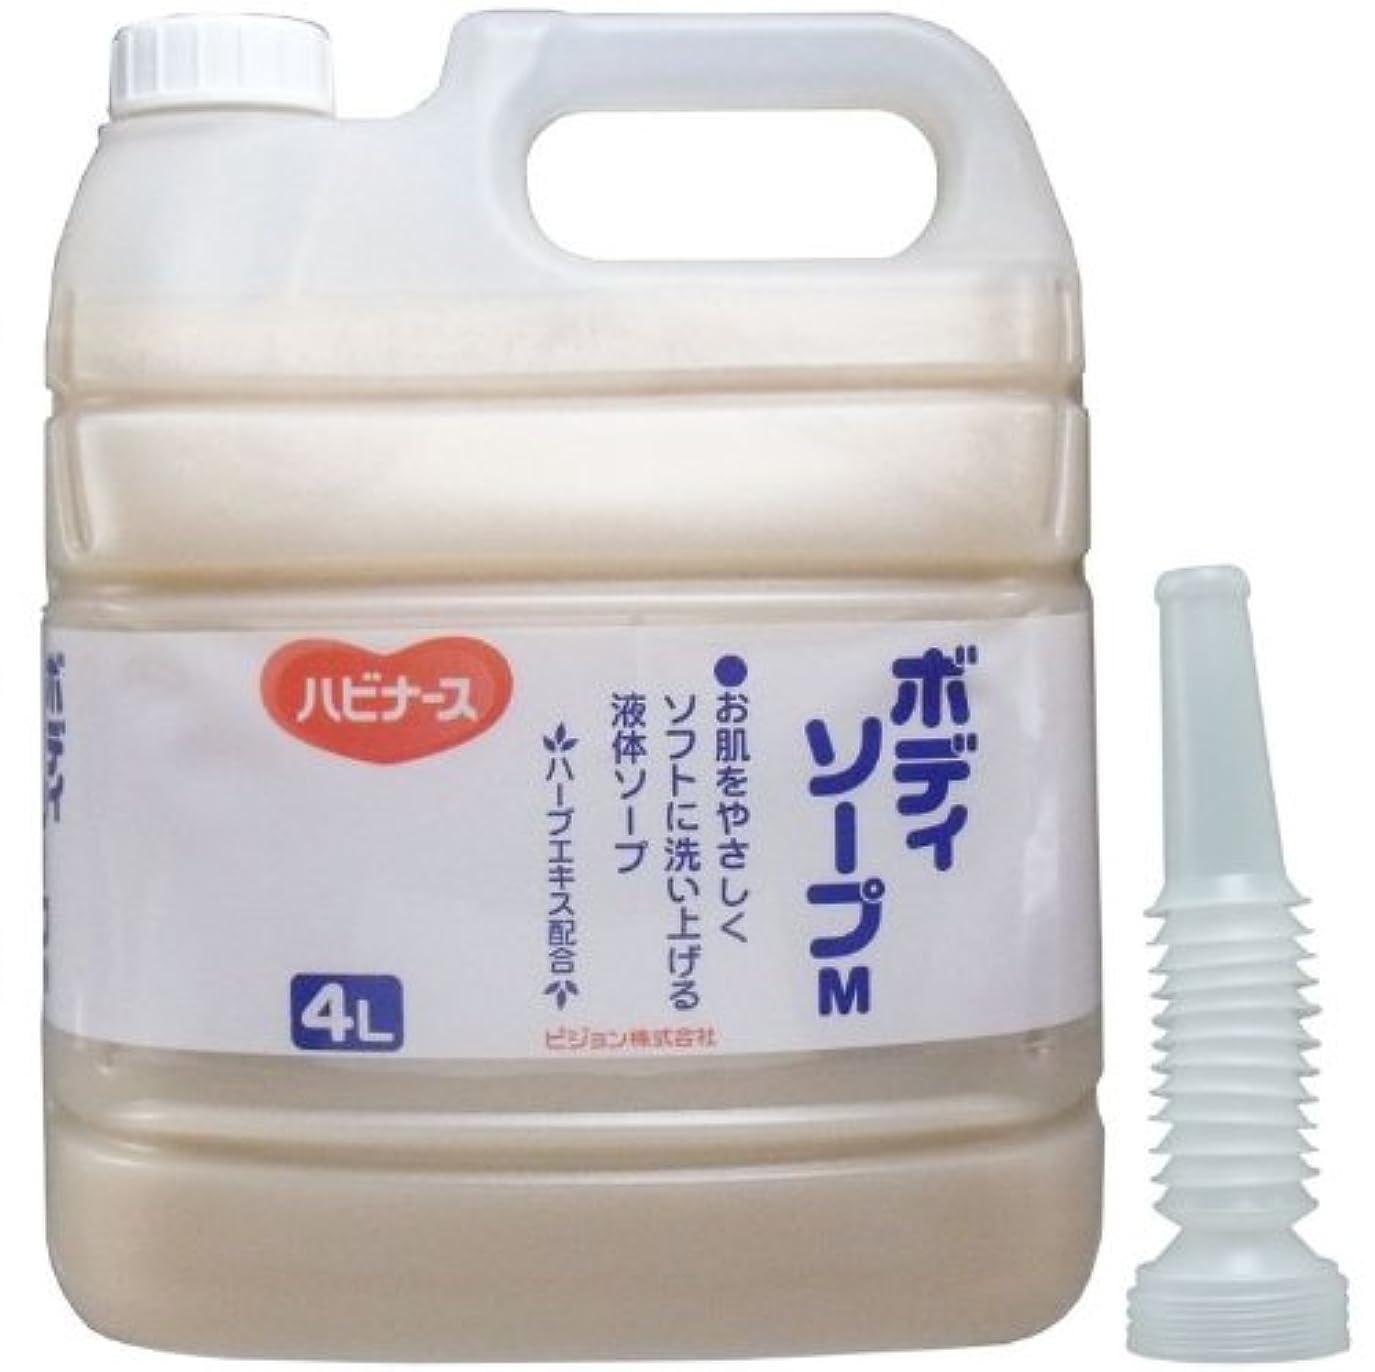 一時的病弱本液体ソープ ボディソープ 風呂 石ケン お肌をやさしくソフトに洗い上げる!業務用 4L【3個セット】